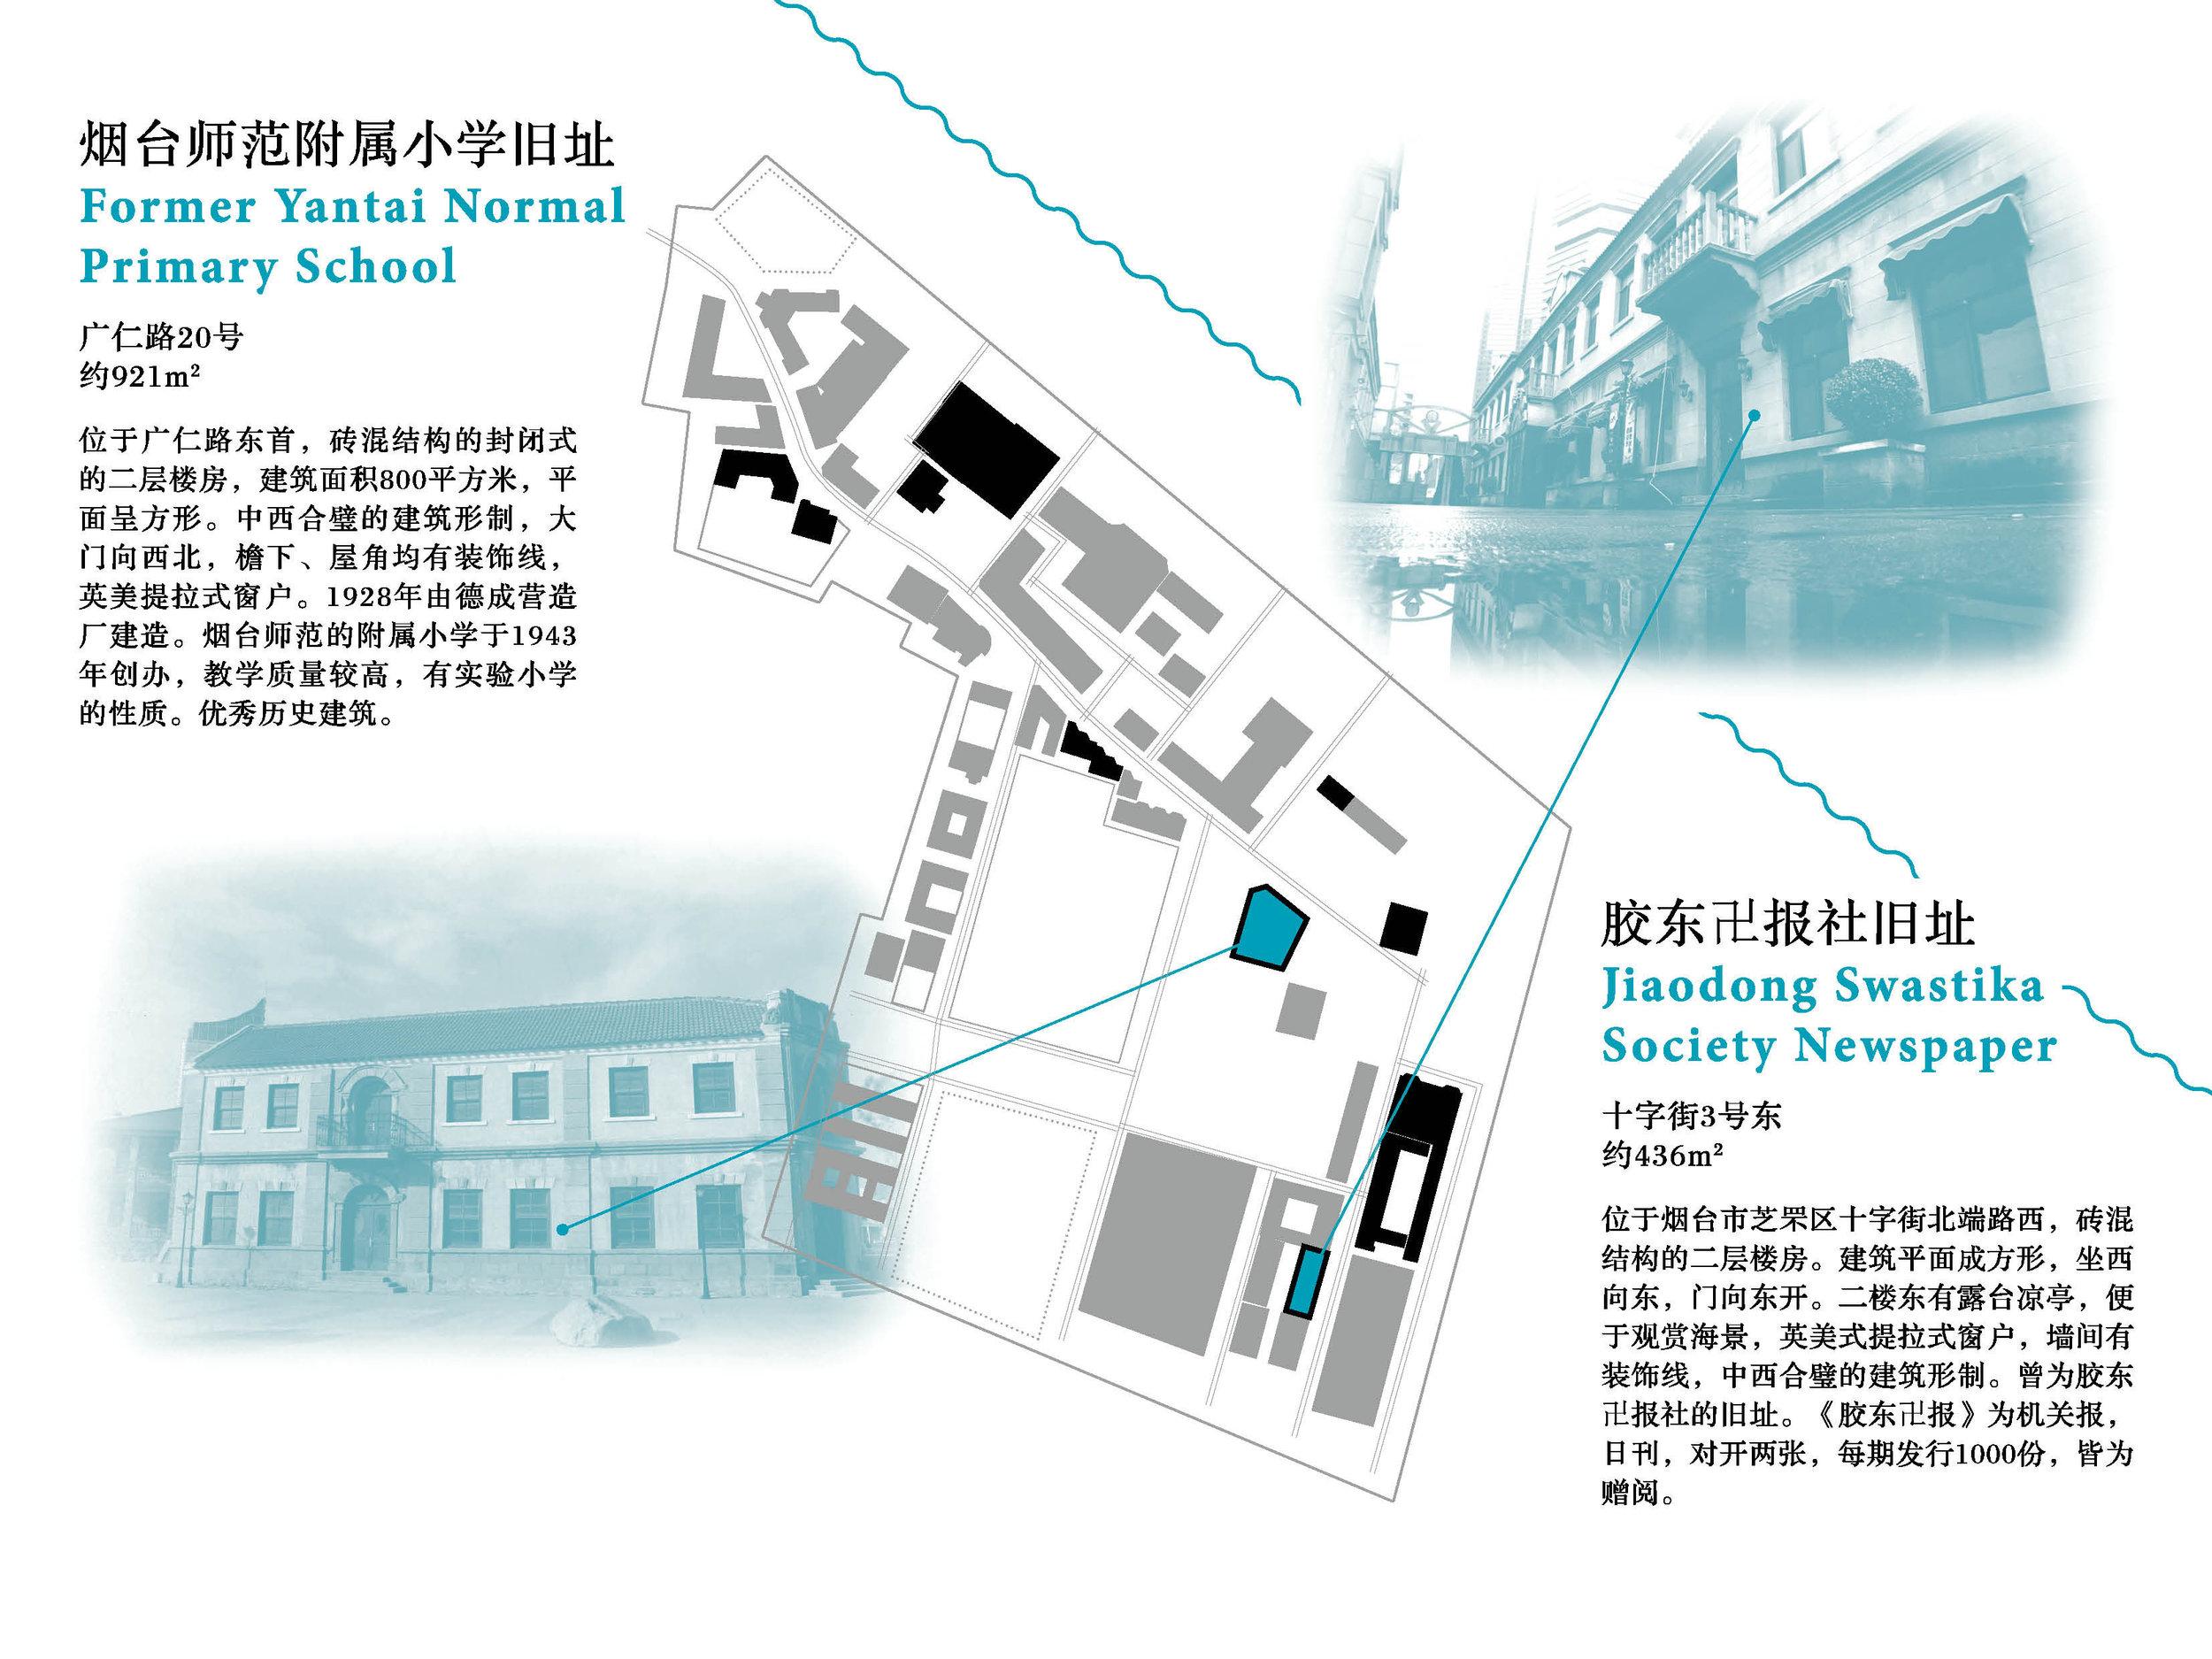 spatial resources7.jpg